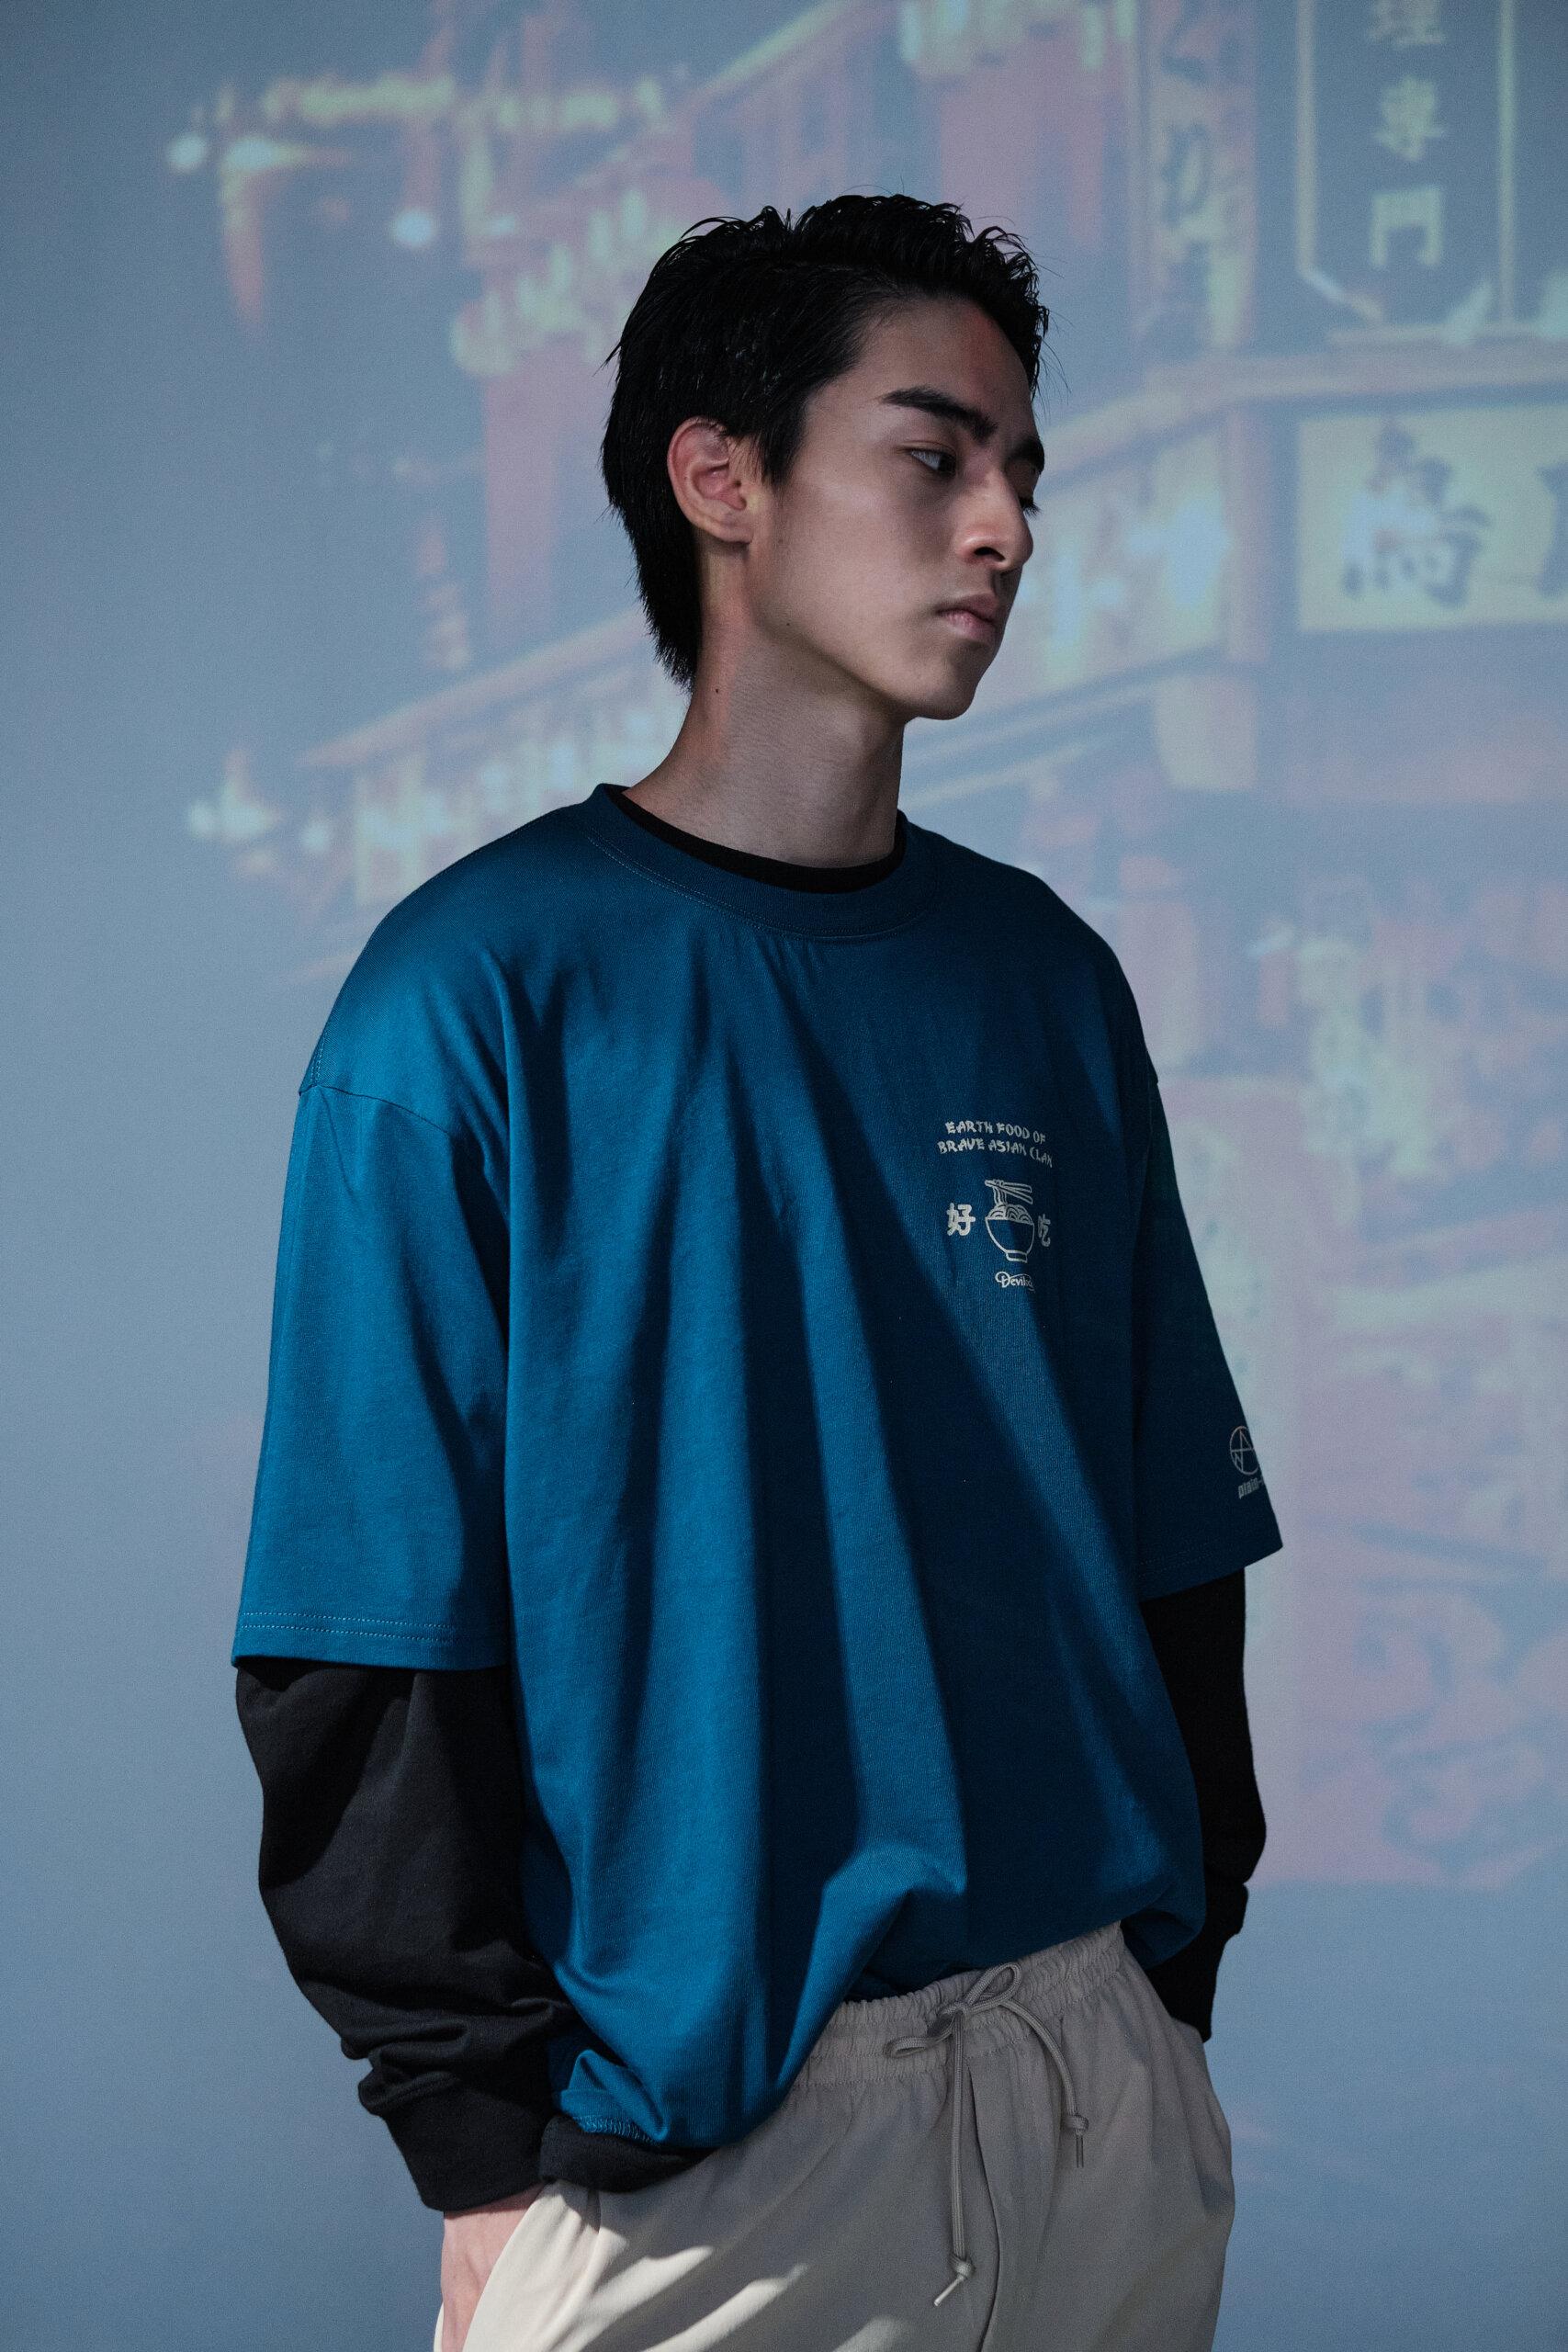 魔鬼鎖,devilock,devilock t shirt,裏原宿,遠藤憲昭,遠藤さん